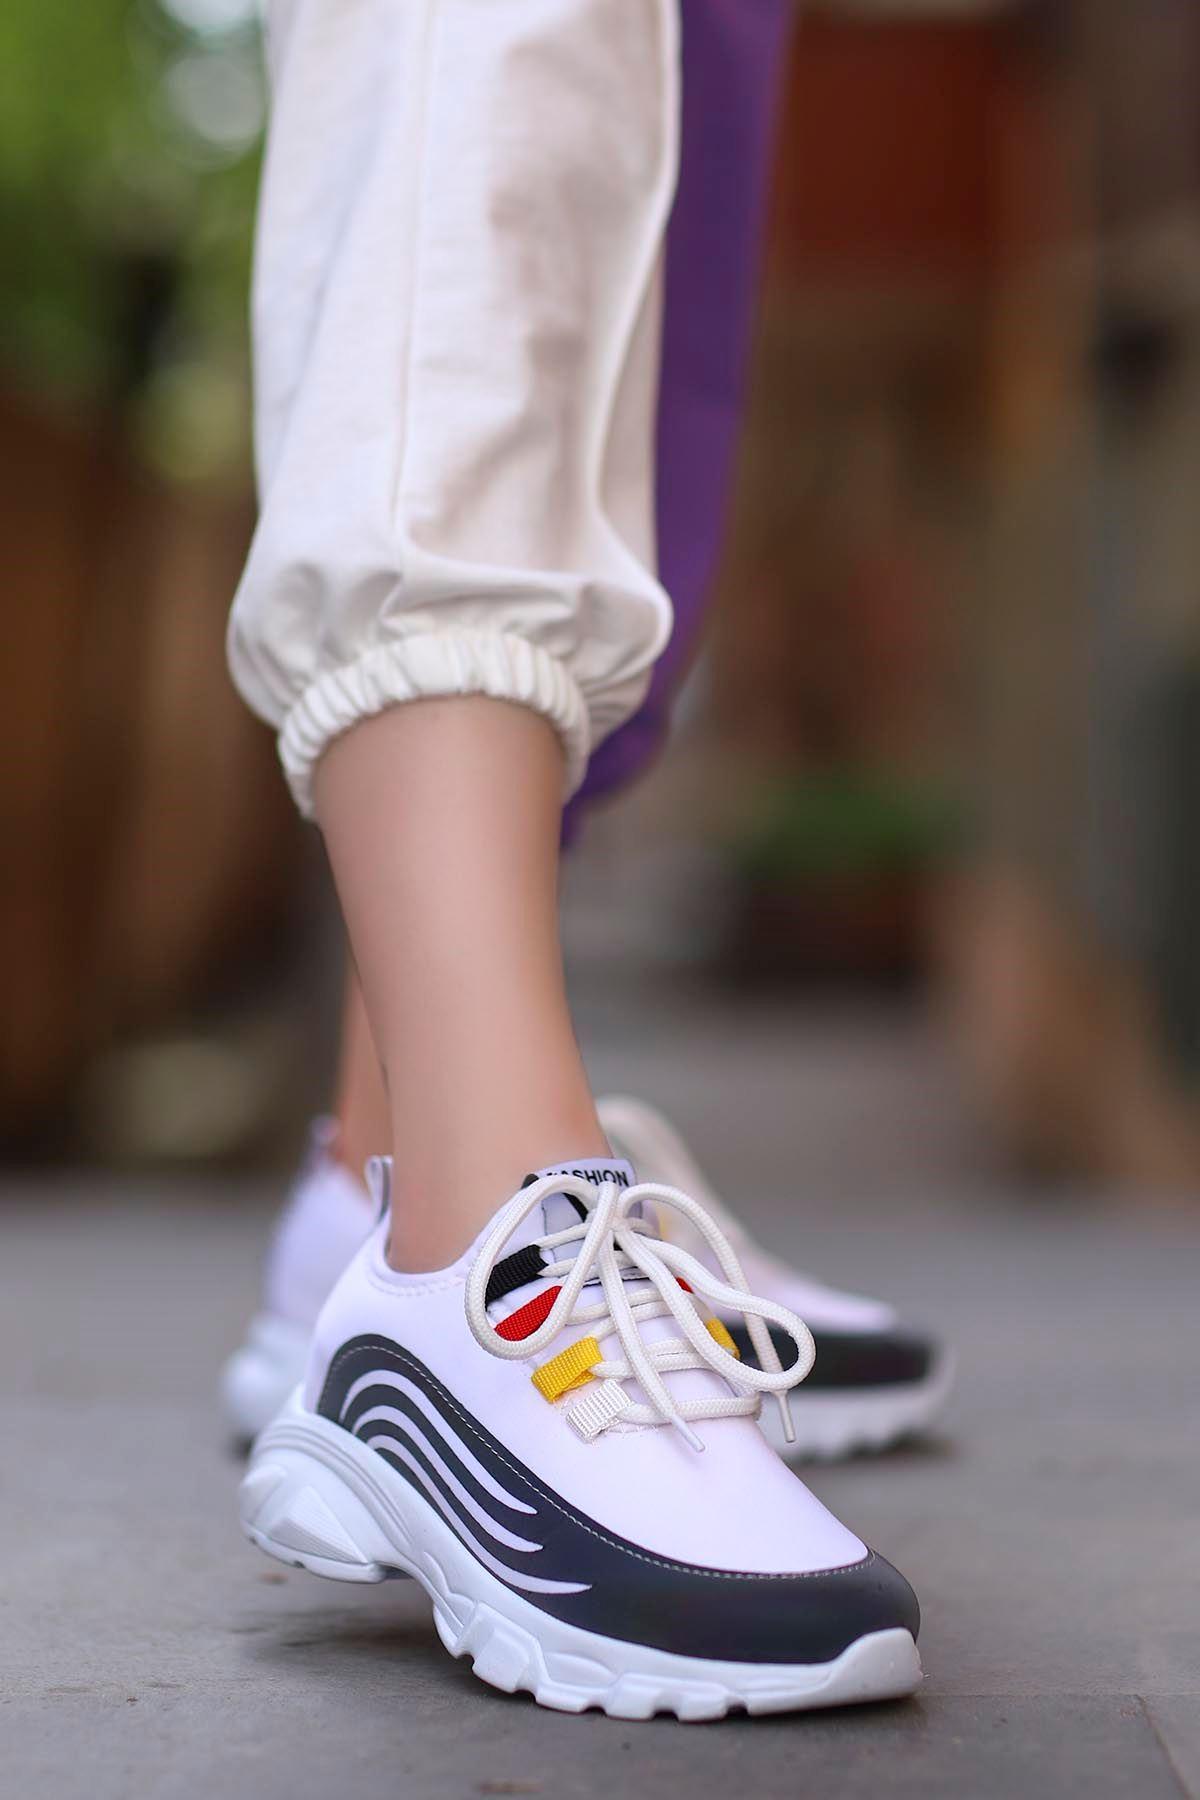 Napa Beyaz Bağlı Sneakers